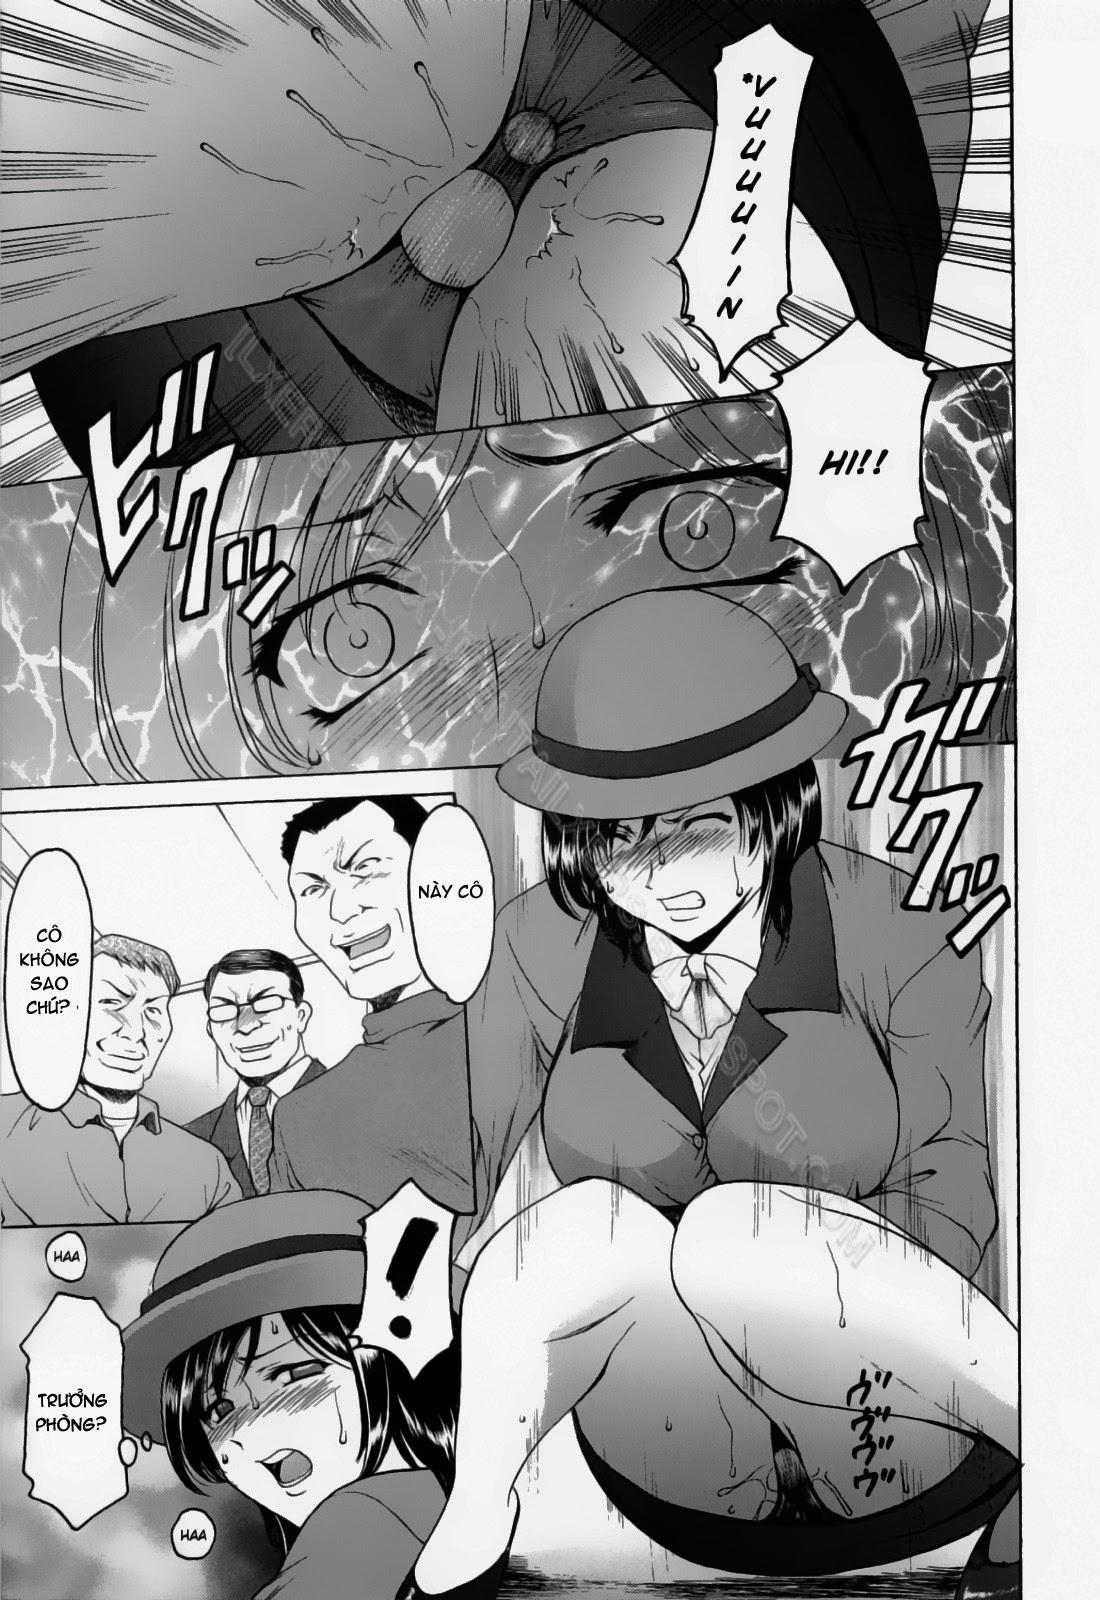 TruyenHay.Com - Ảnh 31 - Hataraku Onee-san wa Back ga Osuki Chapter 1-2